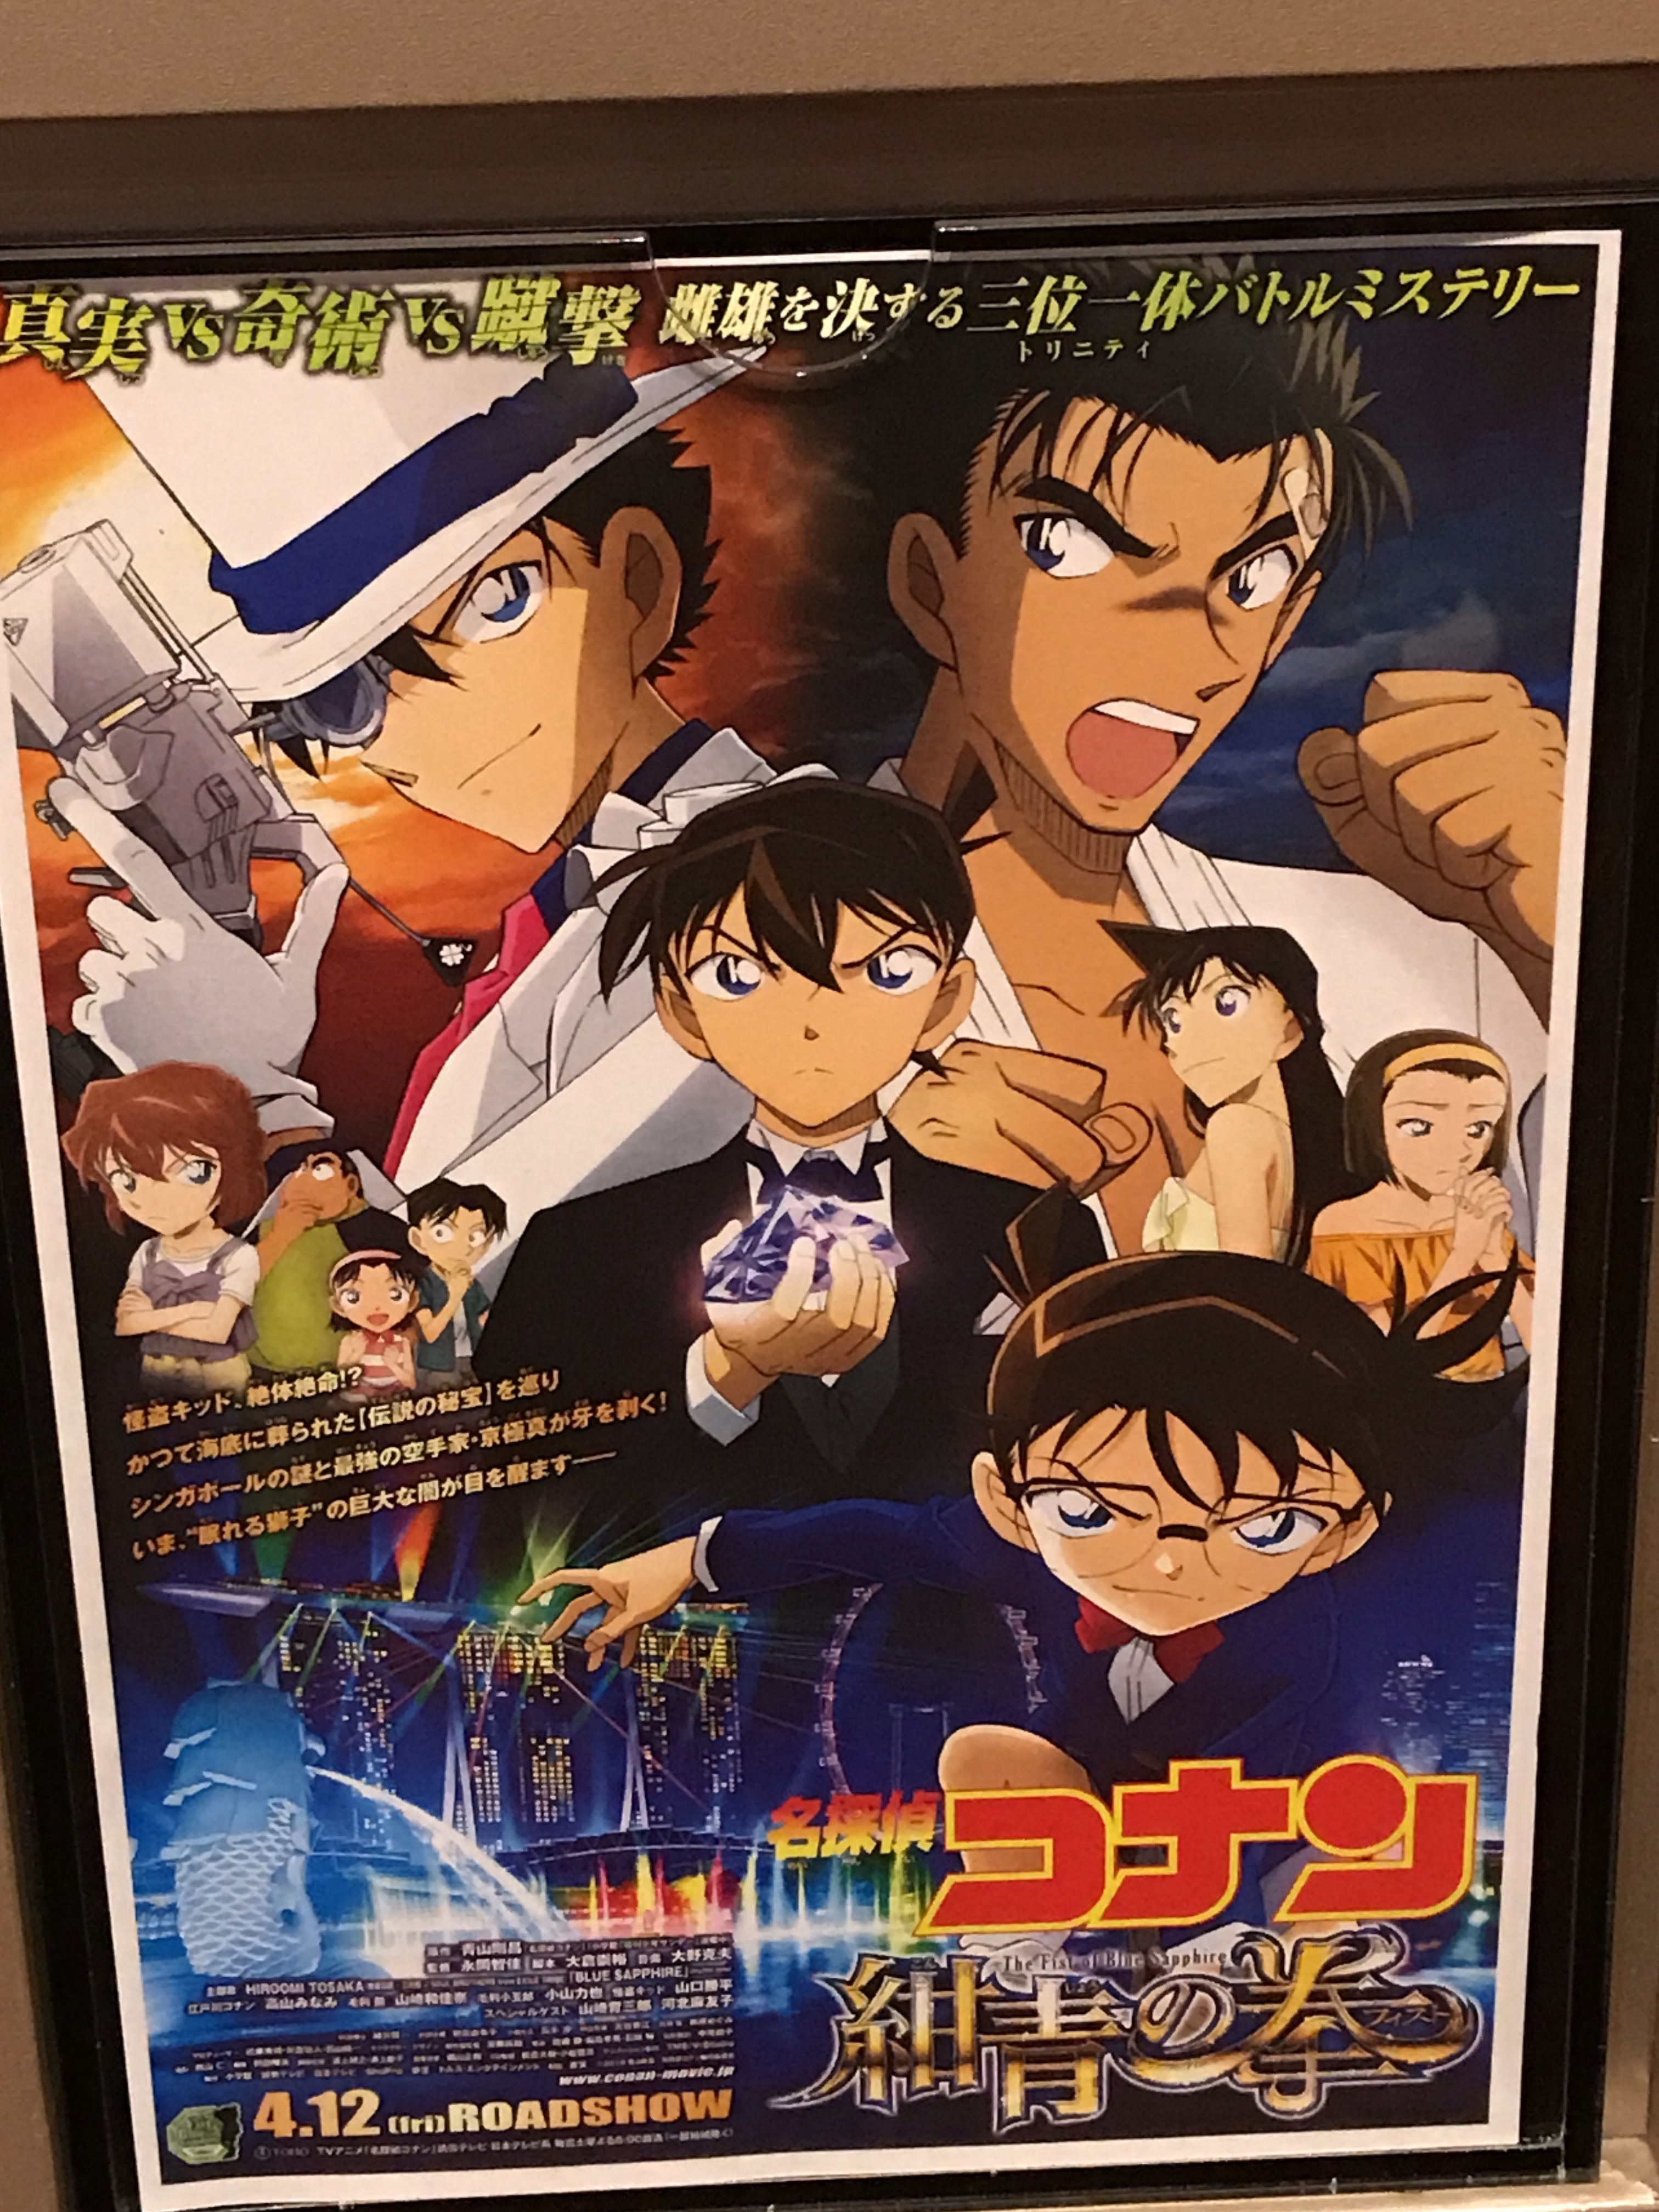 【京極に胸キュン】「紺青の拳」のネタバレと感想(2019年映画) 劇場版コナン